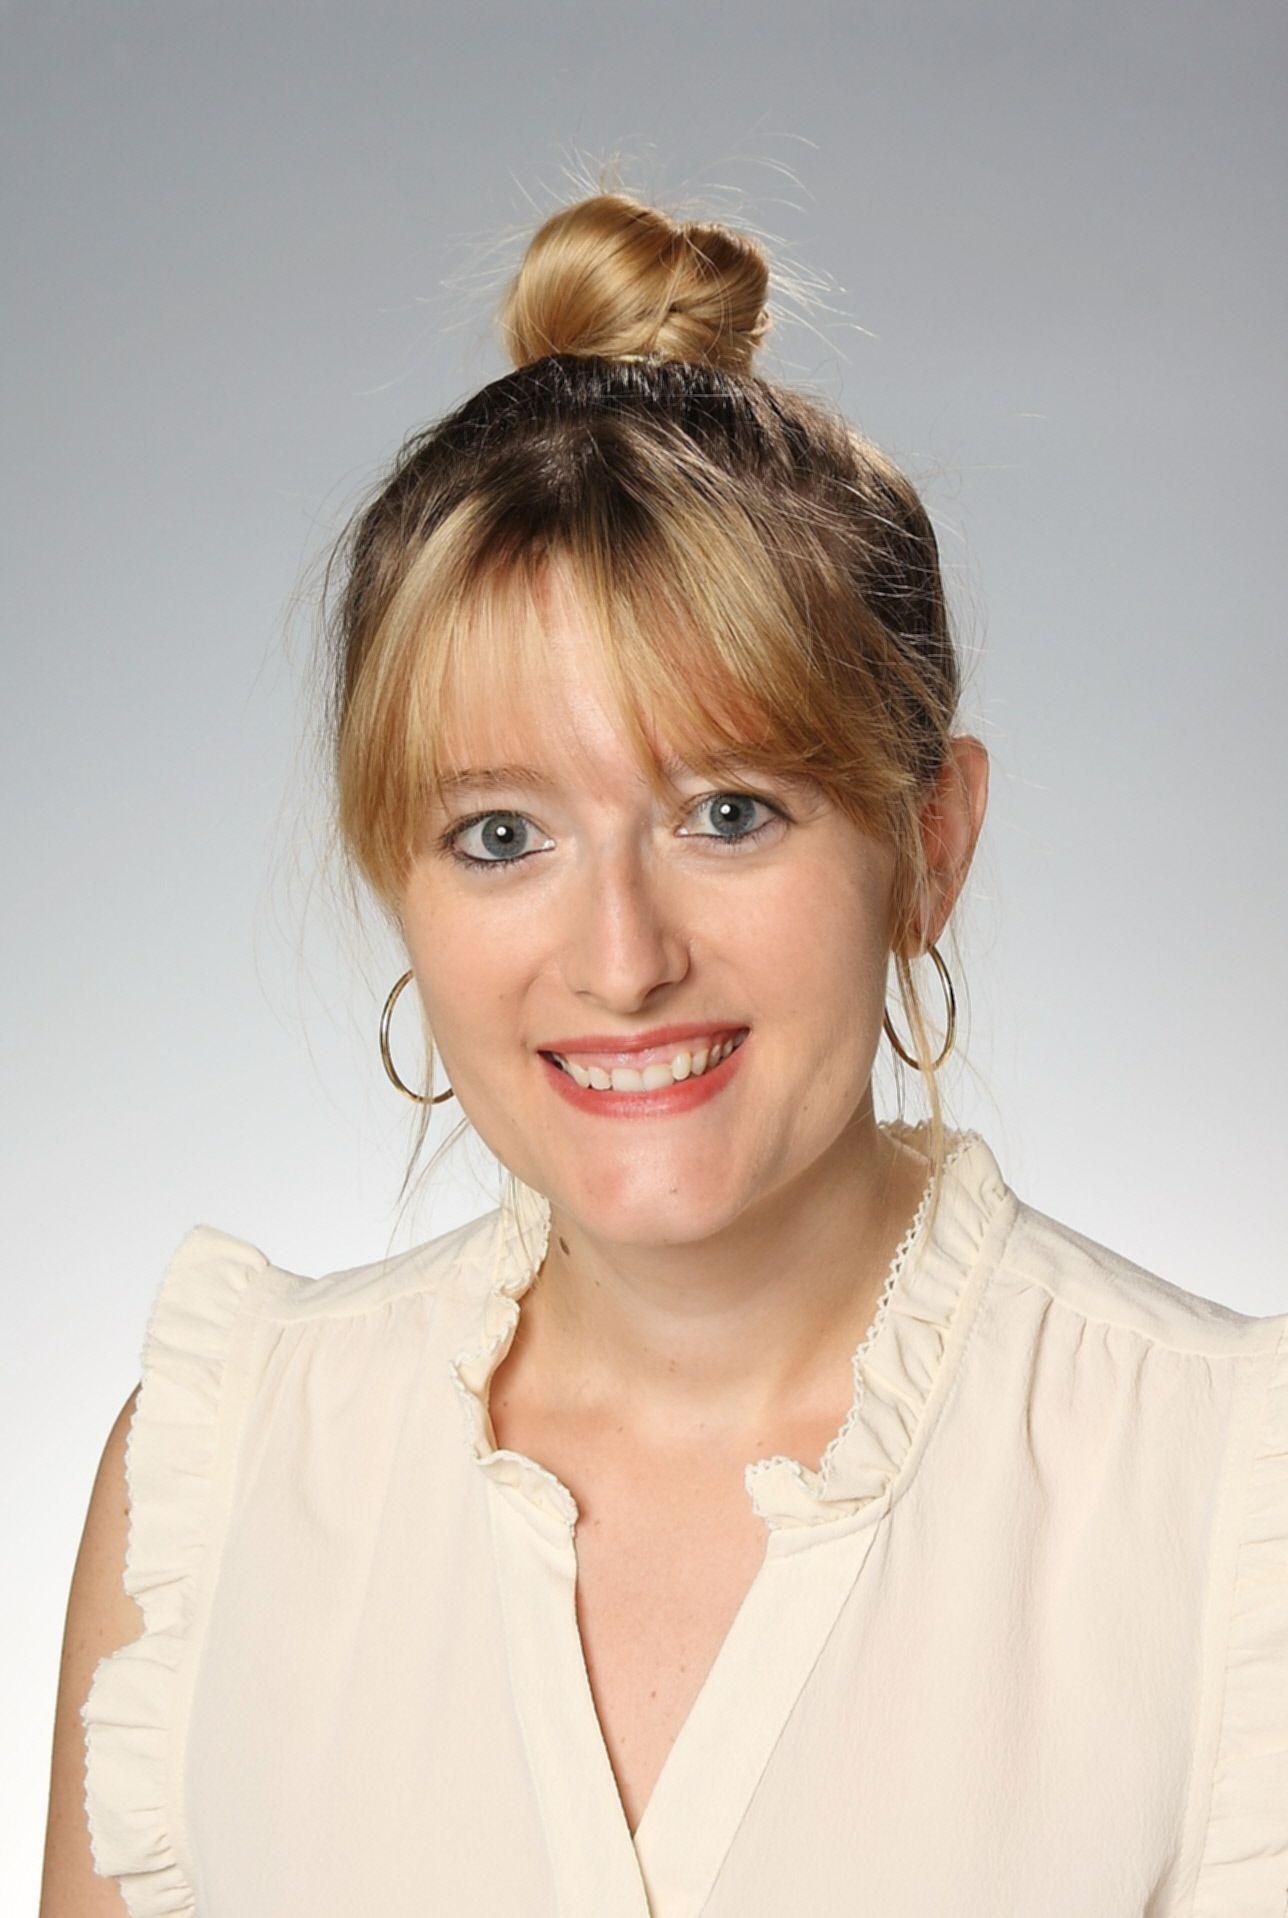 Verena Schmuck